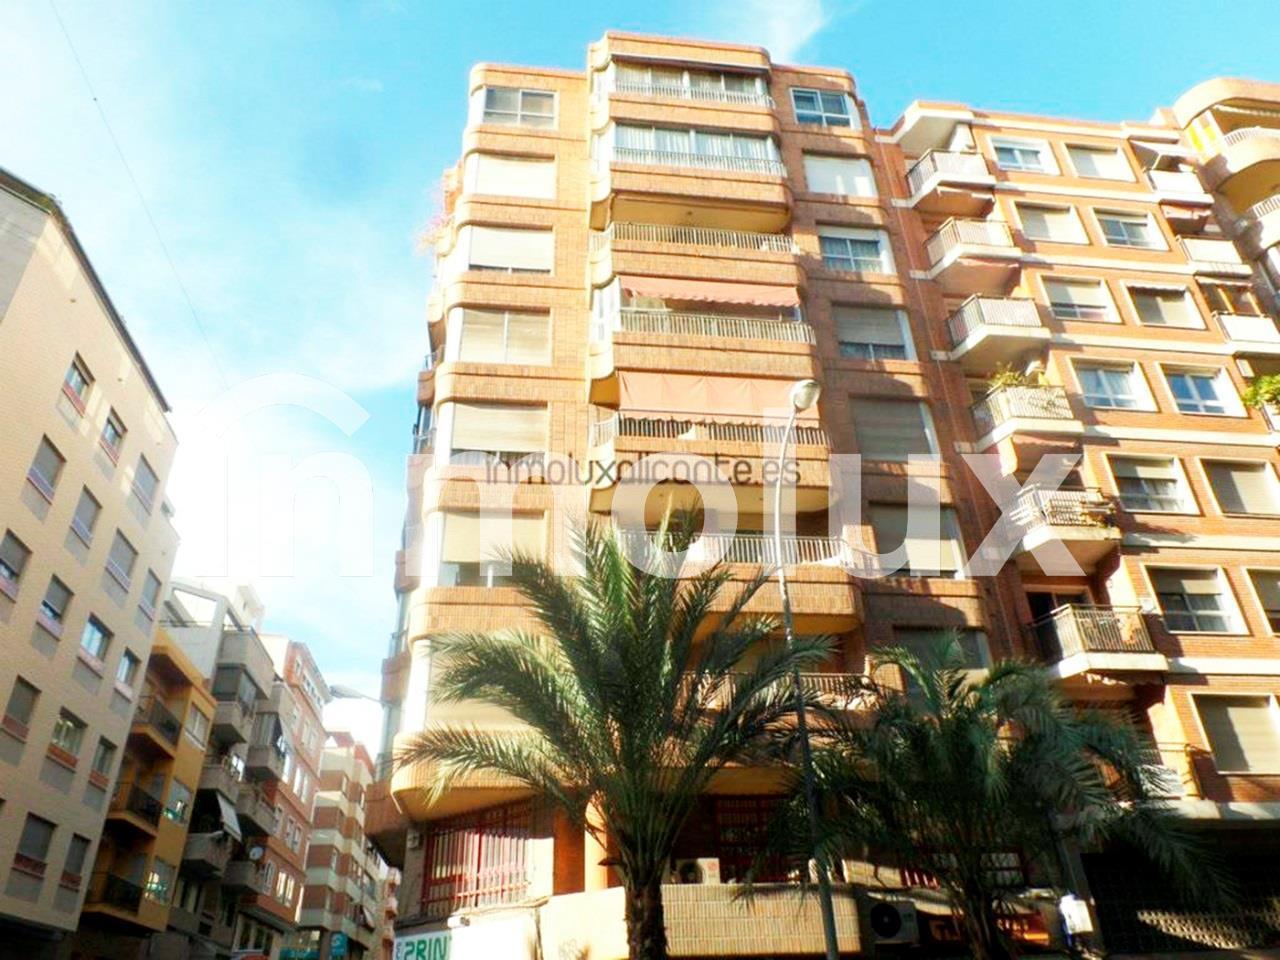 Piso  en Alicante Mercado -  - >  €